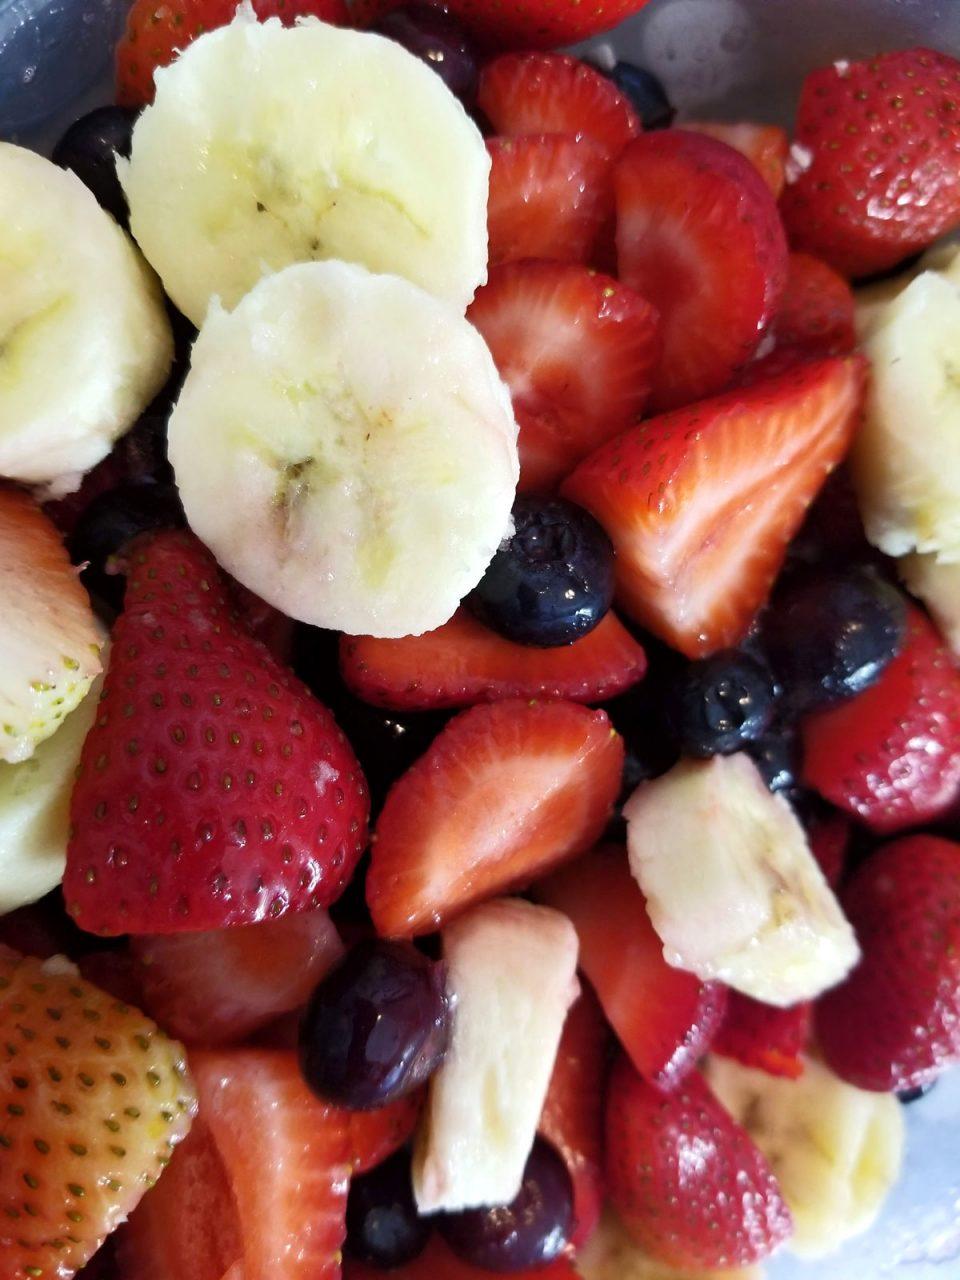 strawberry blueberry banana fruit salad